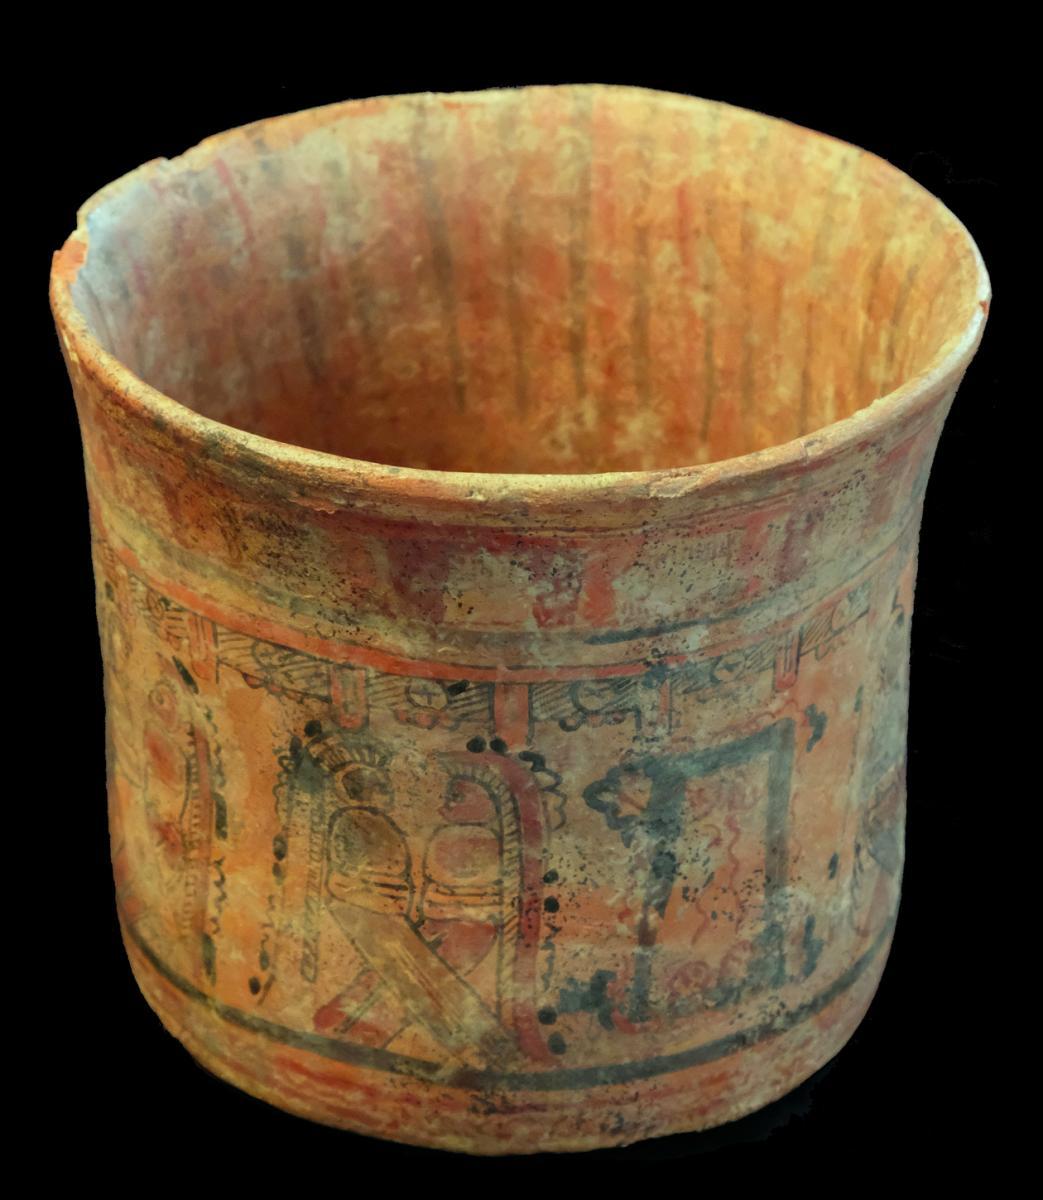 Vase à décor de glyphes et de guerriers, Maya - Archéologie